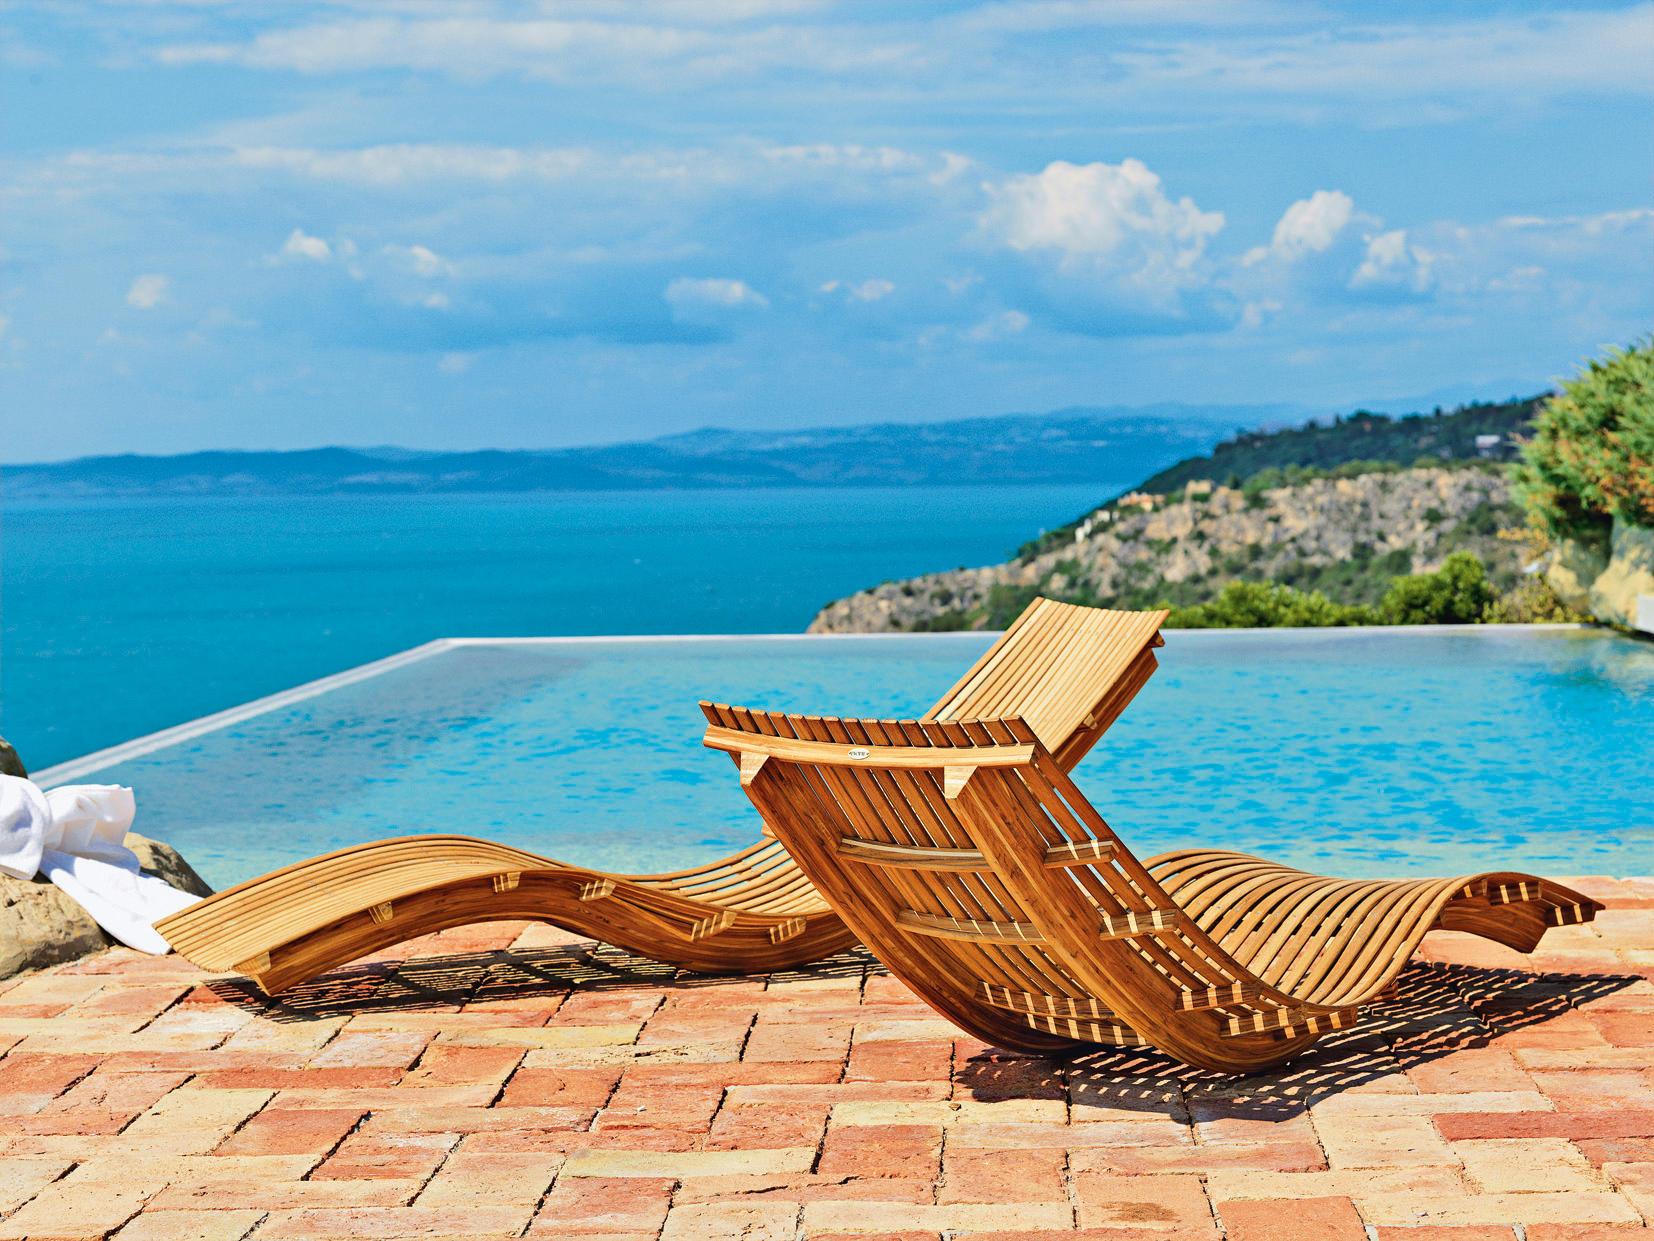 meilleur de bain de soleil bascule swing id es de bain. Black Bedroom Furniture Sets. Home Design Ideas